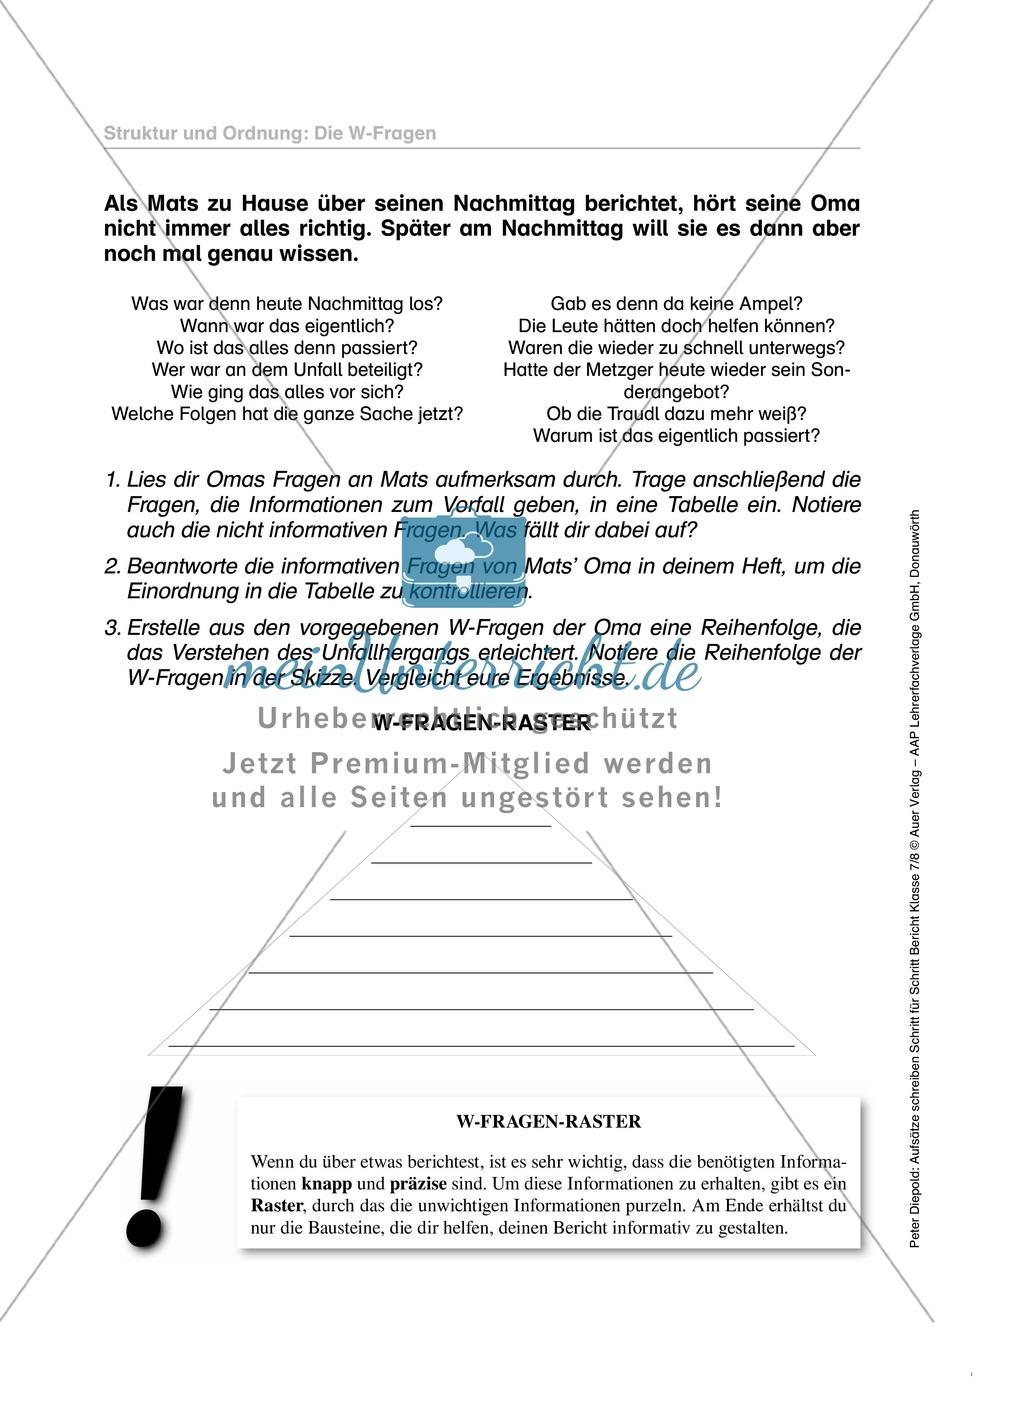 Atemberaubend Wh Fragen Vorhanden Einfache Arbeitsblatt Bilder ...